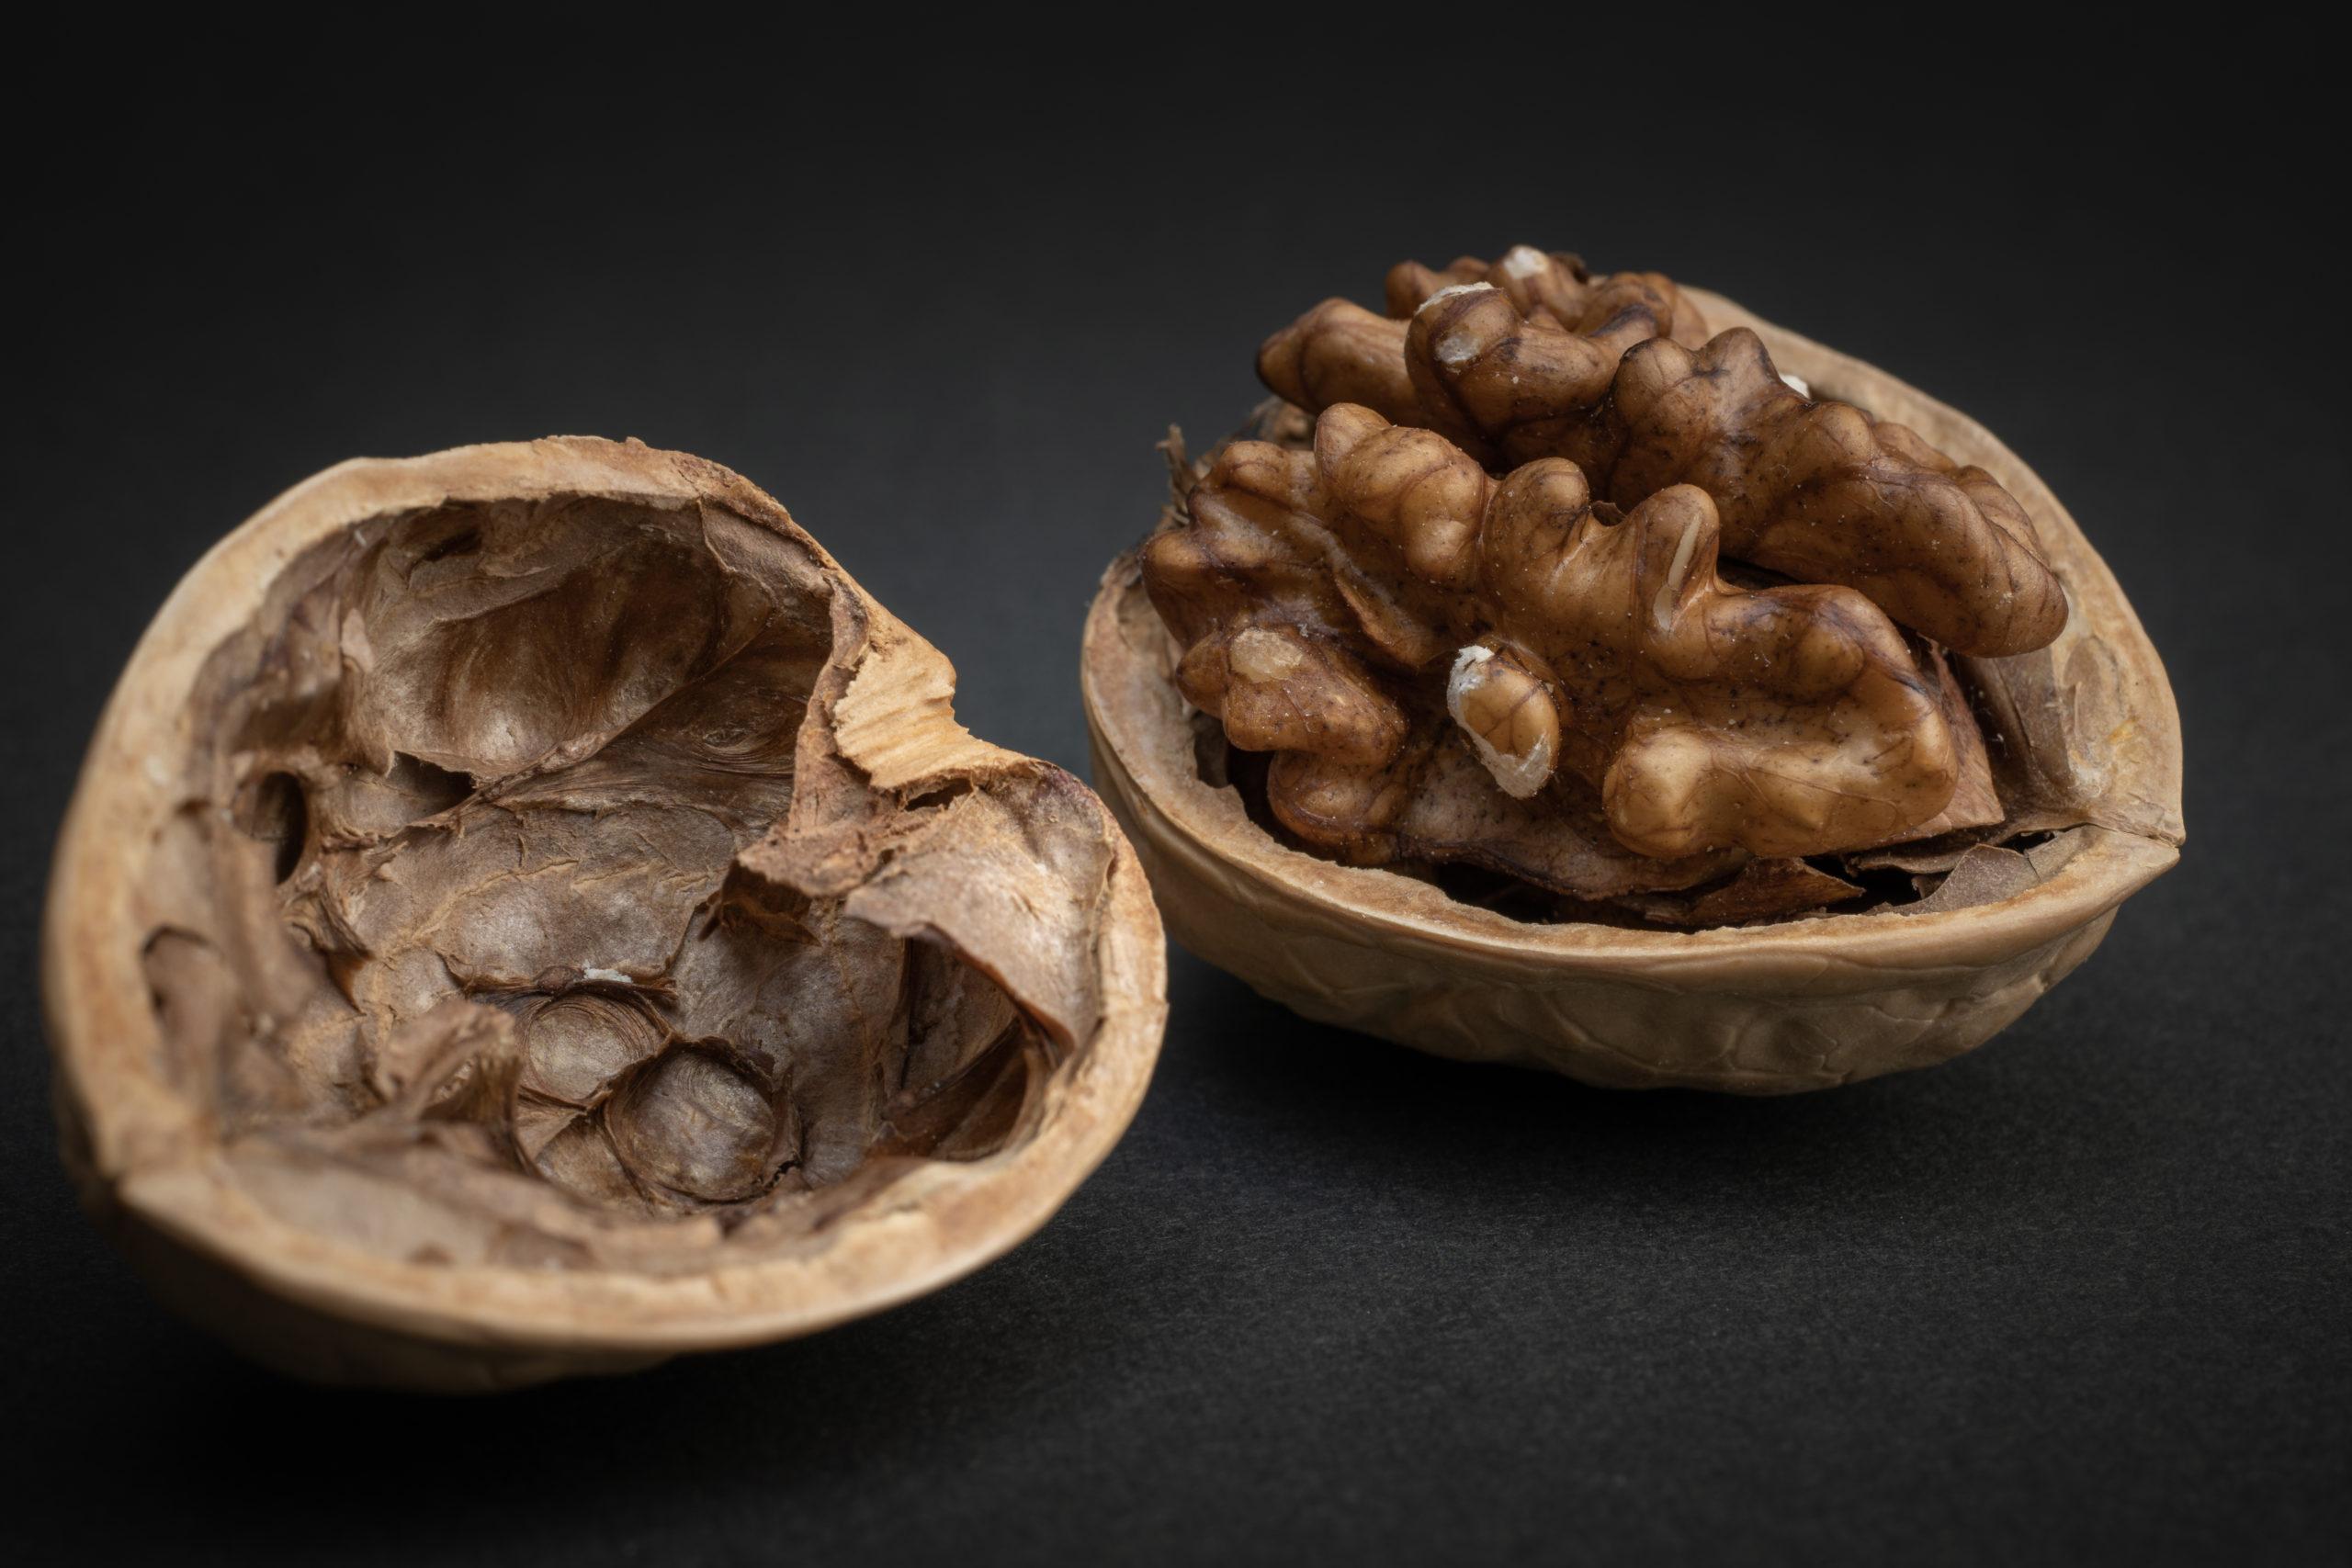 胡桃(くるみ)Walnuts